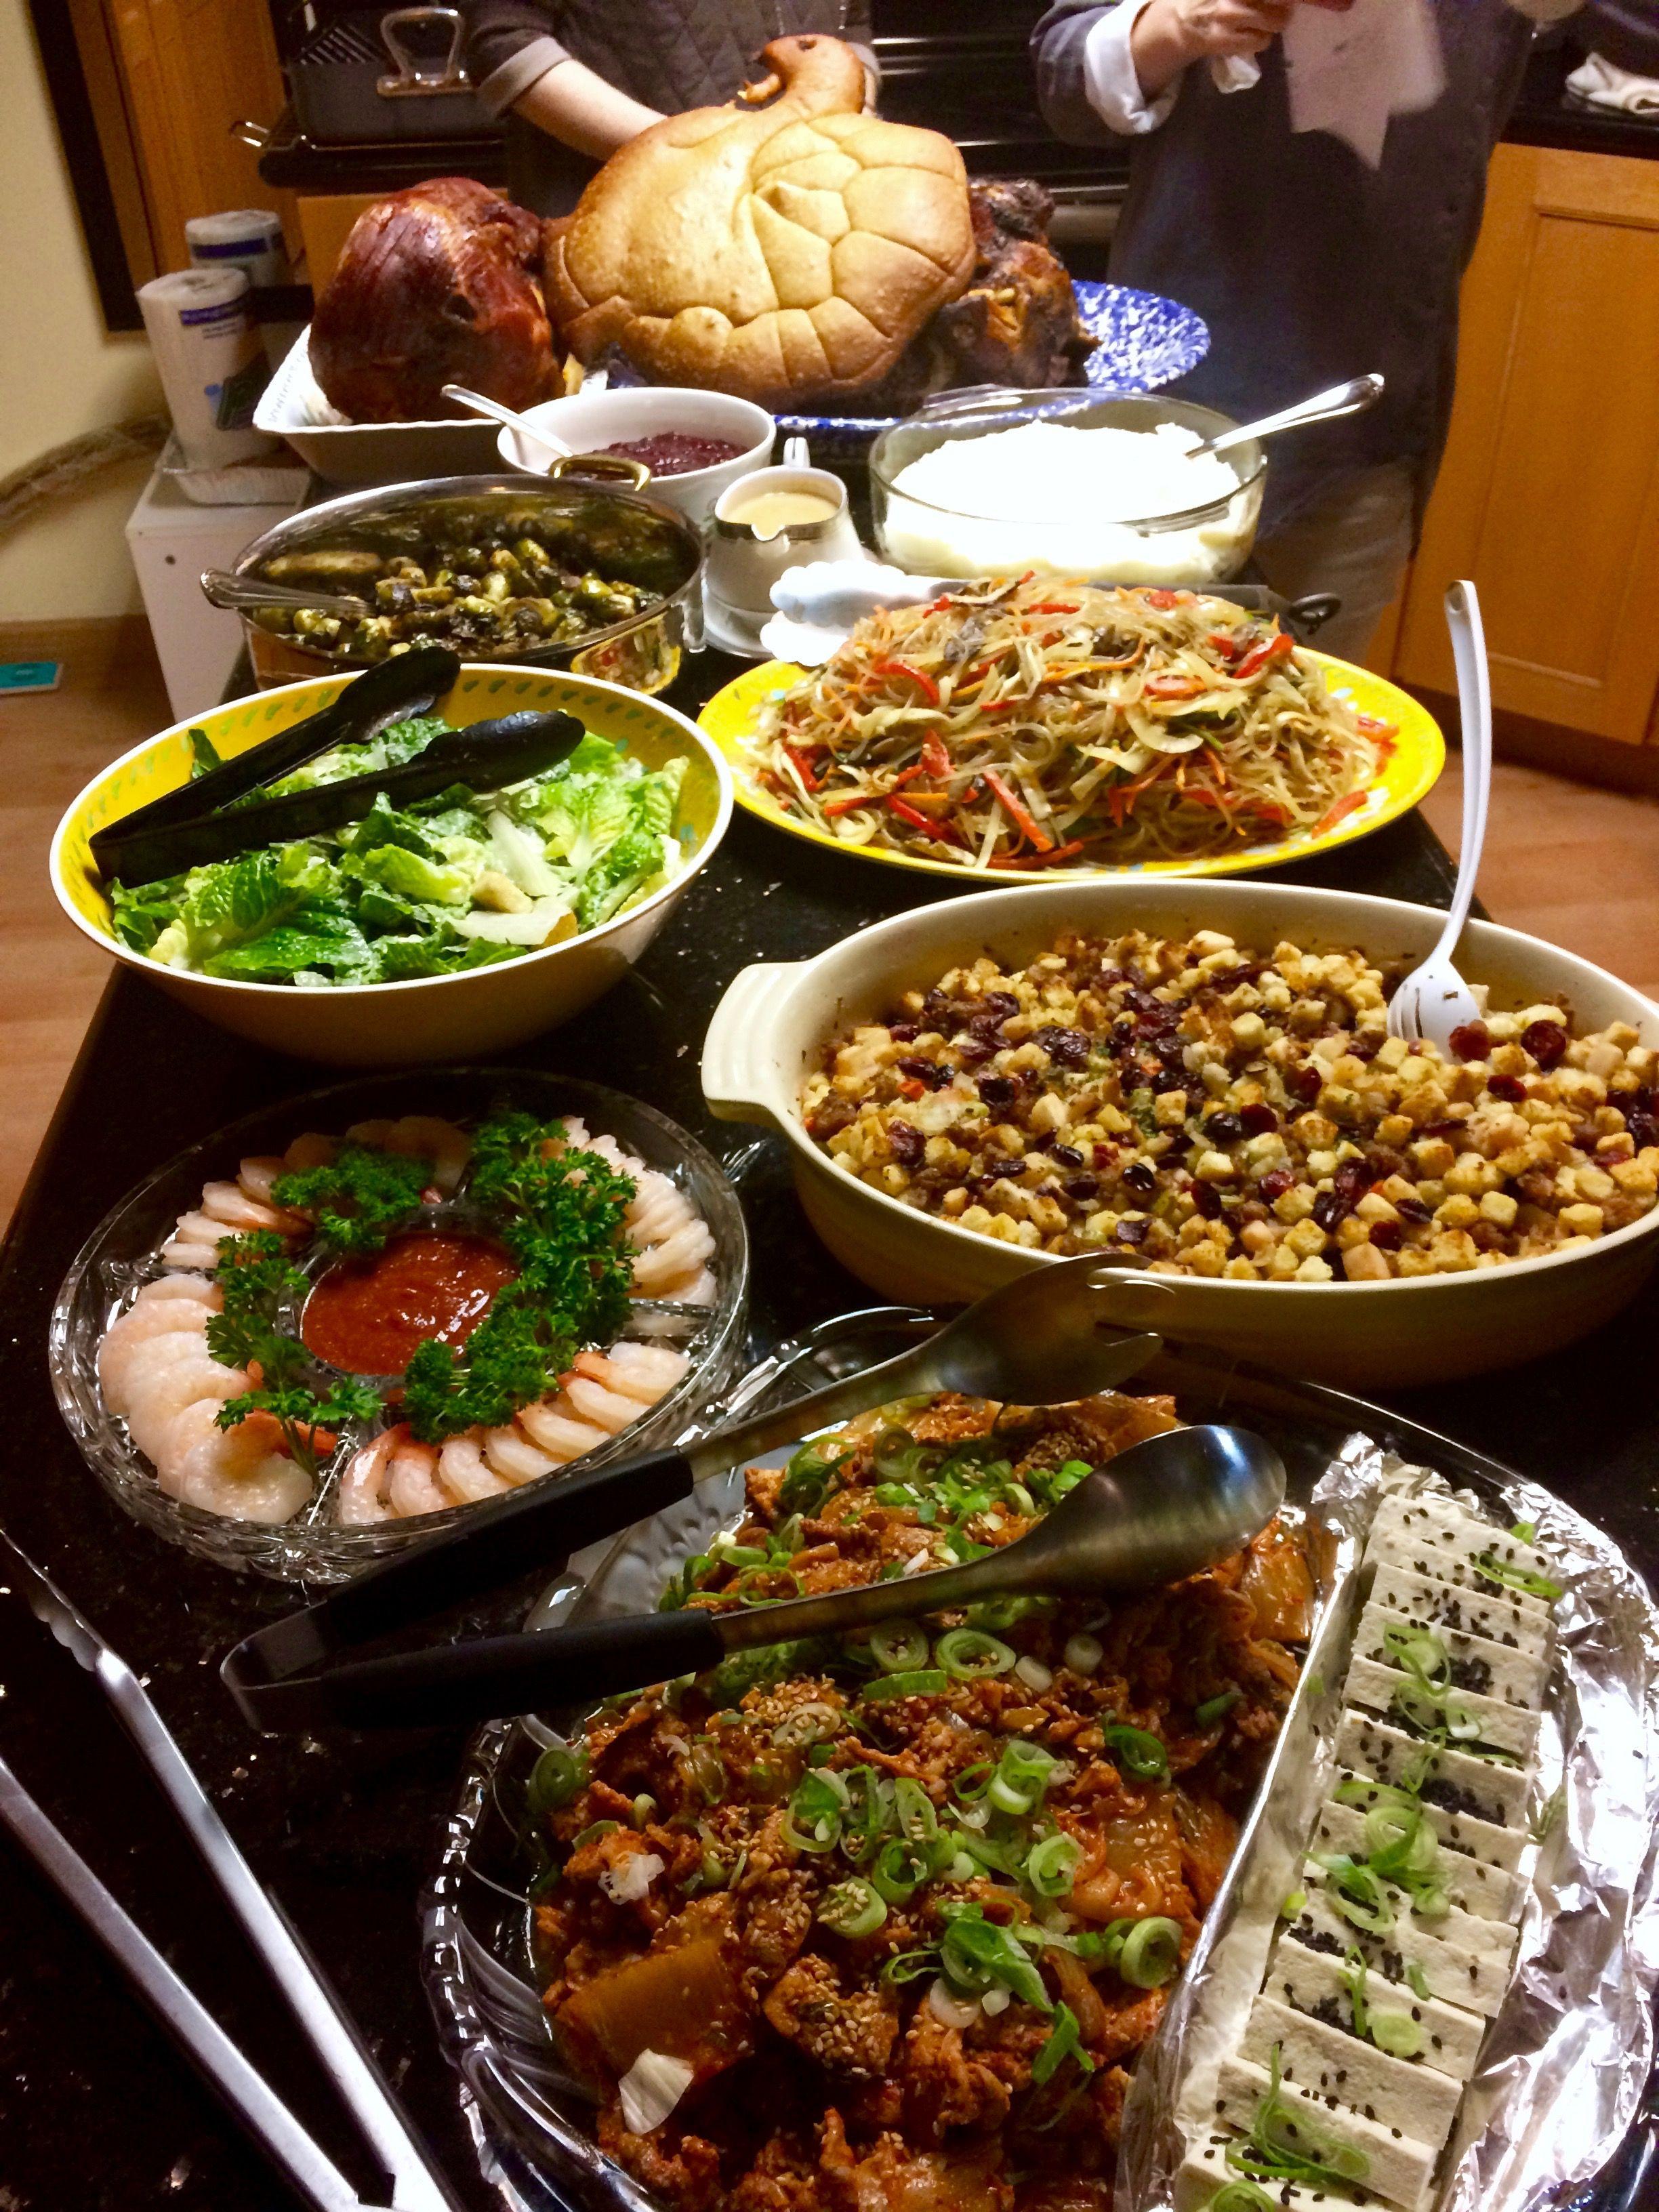 16 Korean Recipes For Thanksgiving Dinner Thanksgiving Food Sides Thanksgiving Recipes Thanksgiving Dinner Recipes